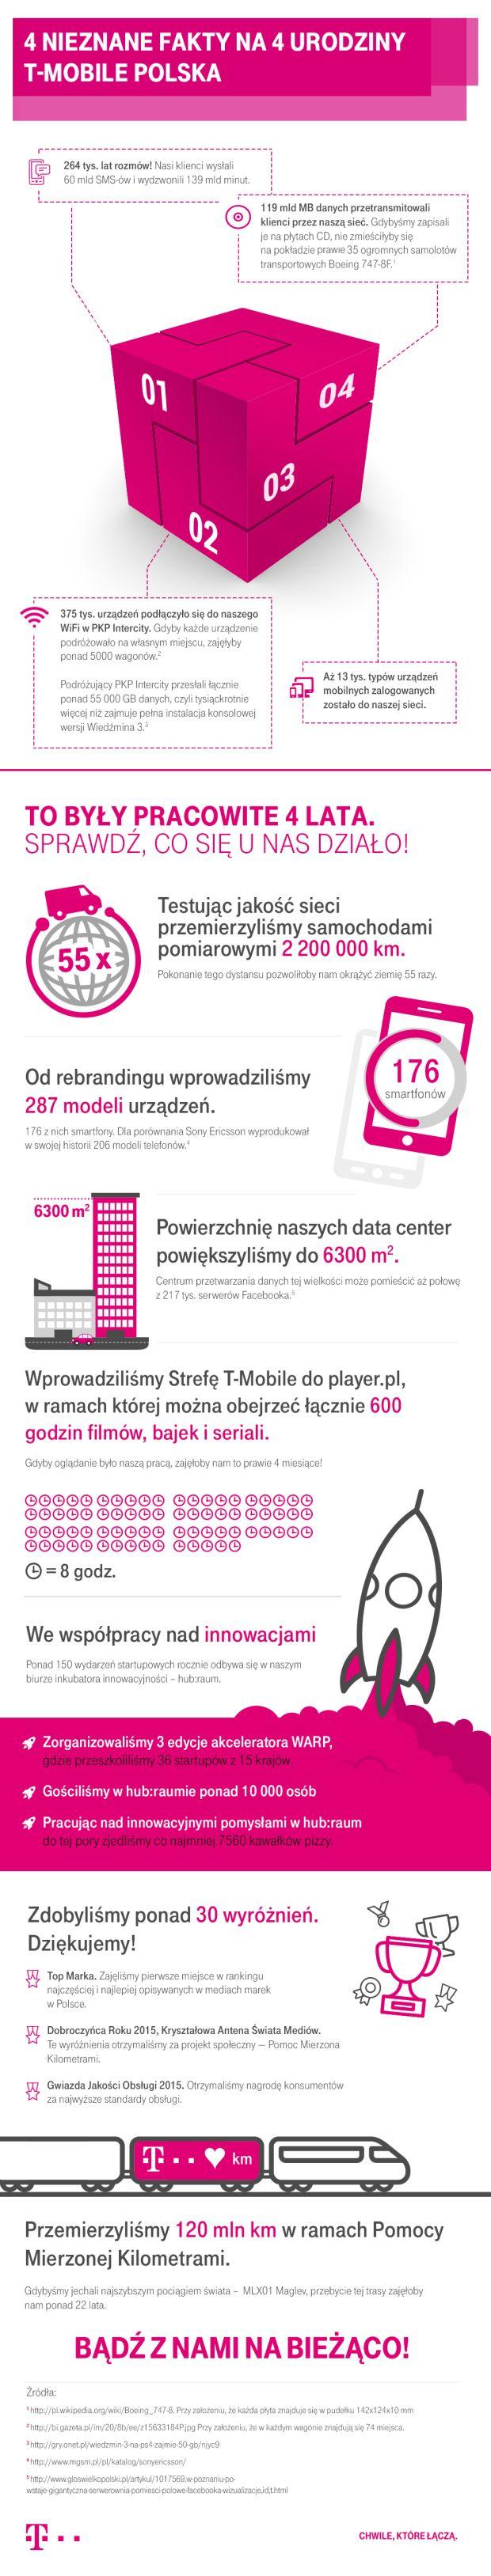 news-tmobile-4urodziny-1